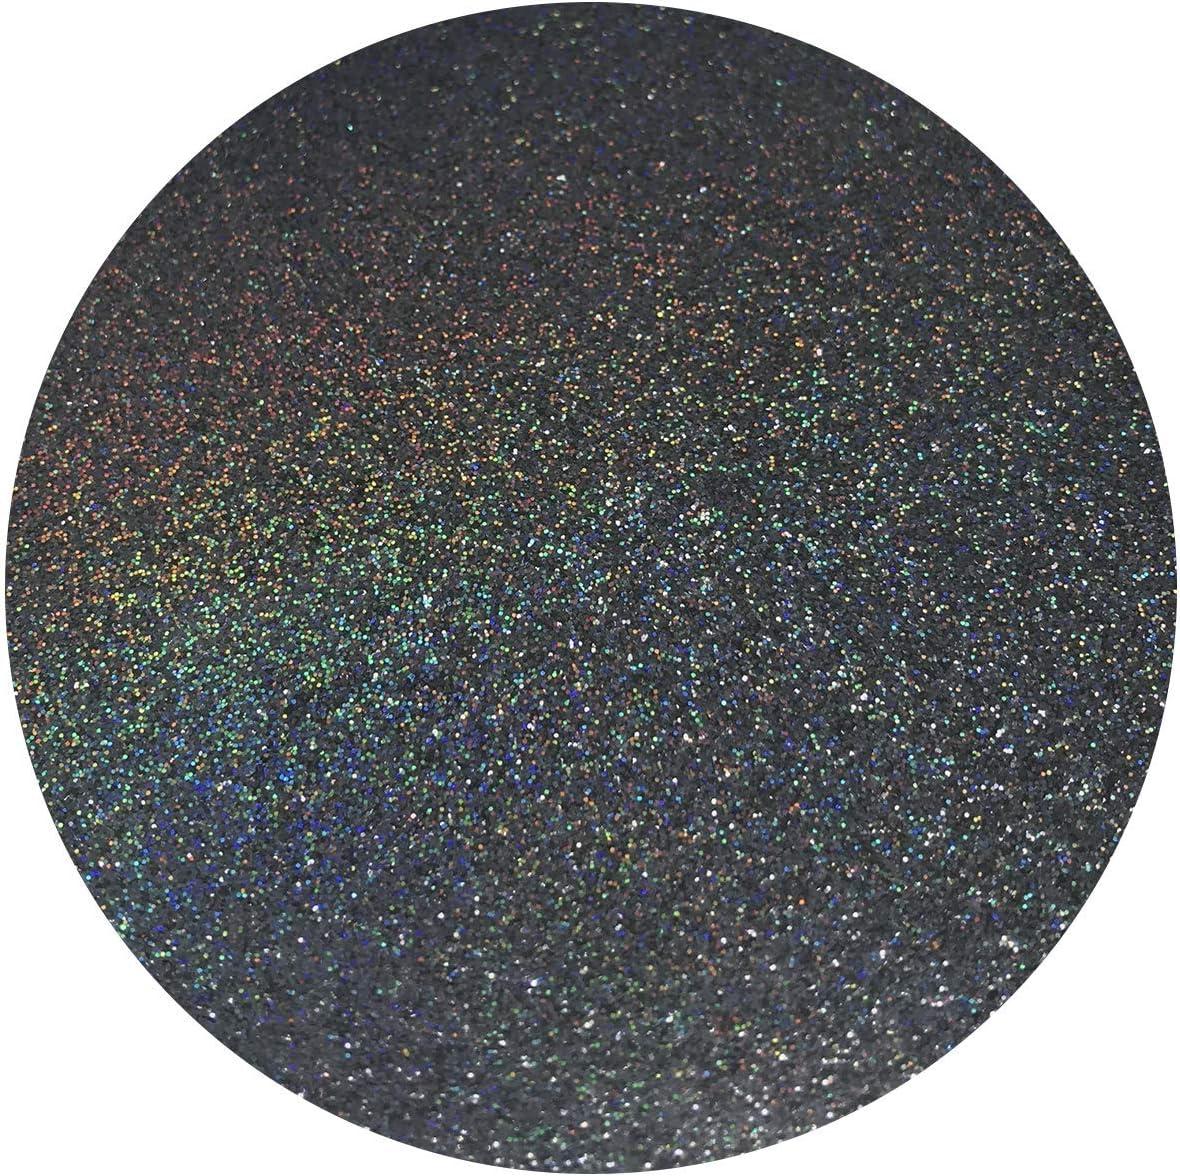 - Purpurina para manualidades Ultrafine 1//128 .008 vasos escuelas 0.2 mm Hemway Craft Glitter decoraci/ón de cristal proyectos de bricolaje color amarillo fluorescente 100 g